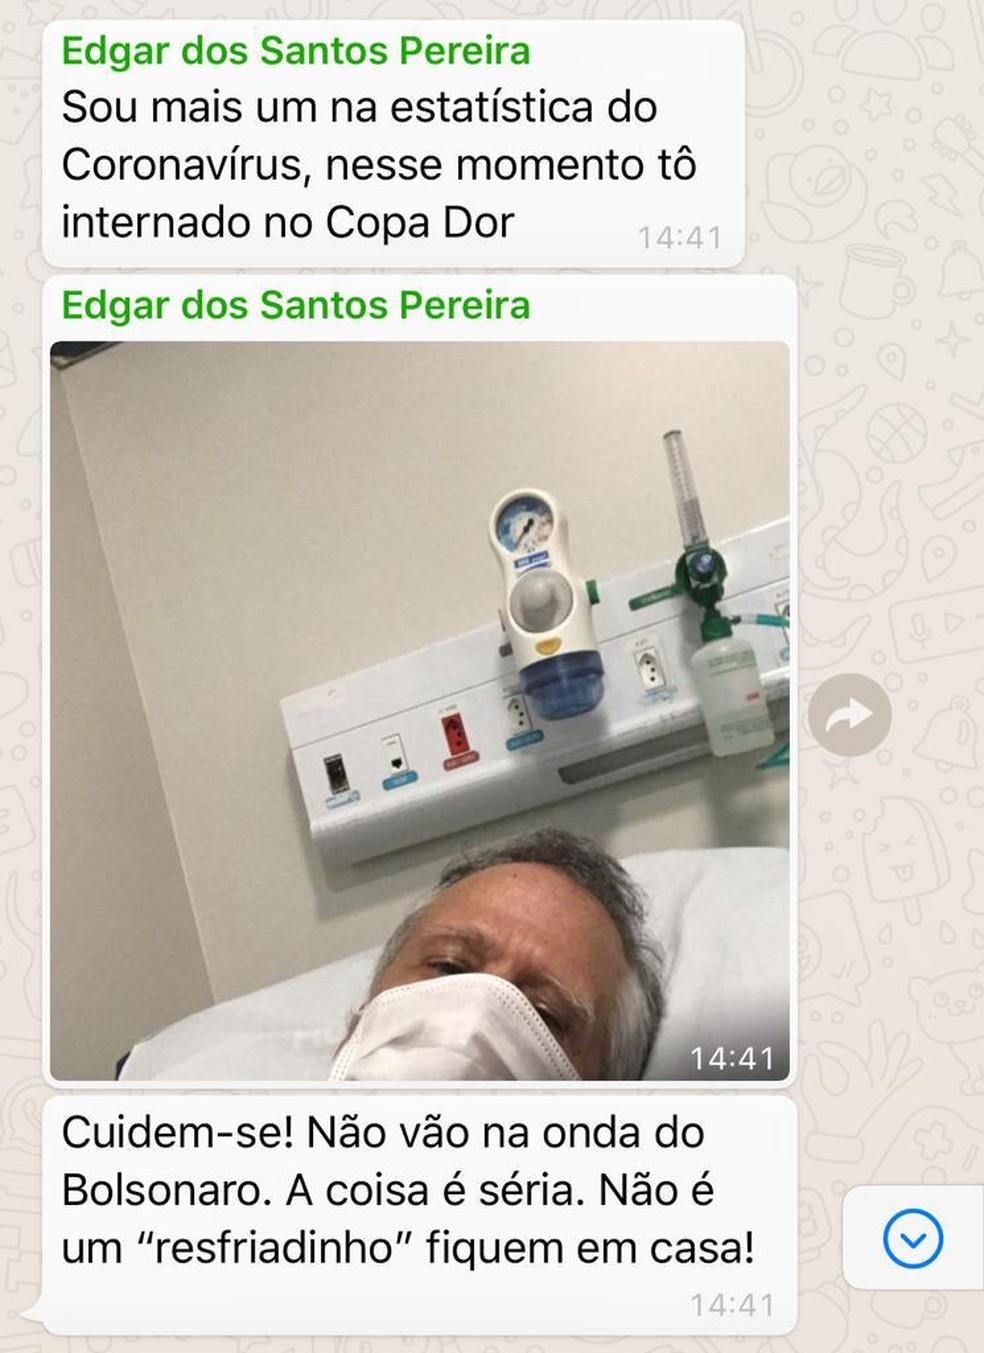 Edgard dos Santos enviou uma mensagem com alerta sobre o coronavírus antes de morrer  — Foto: Reprodução/Arquivo pessoal